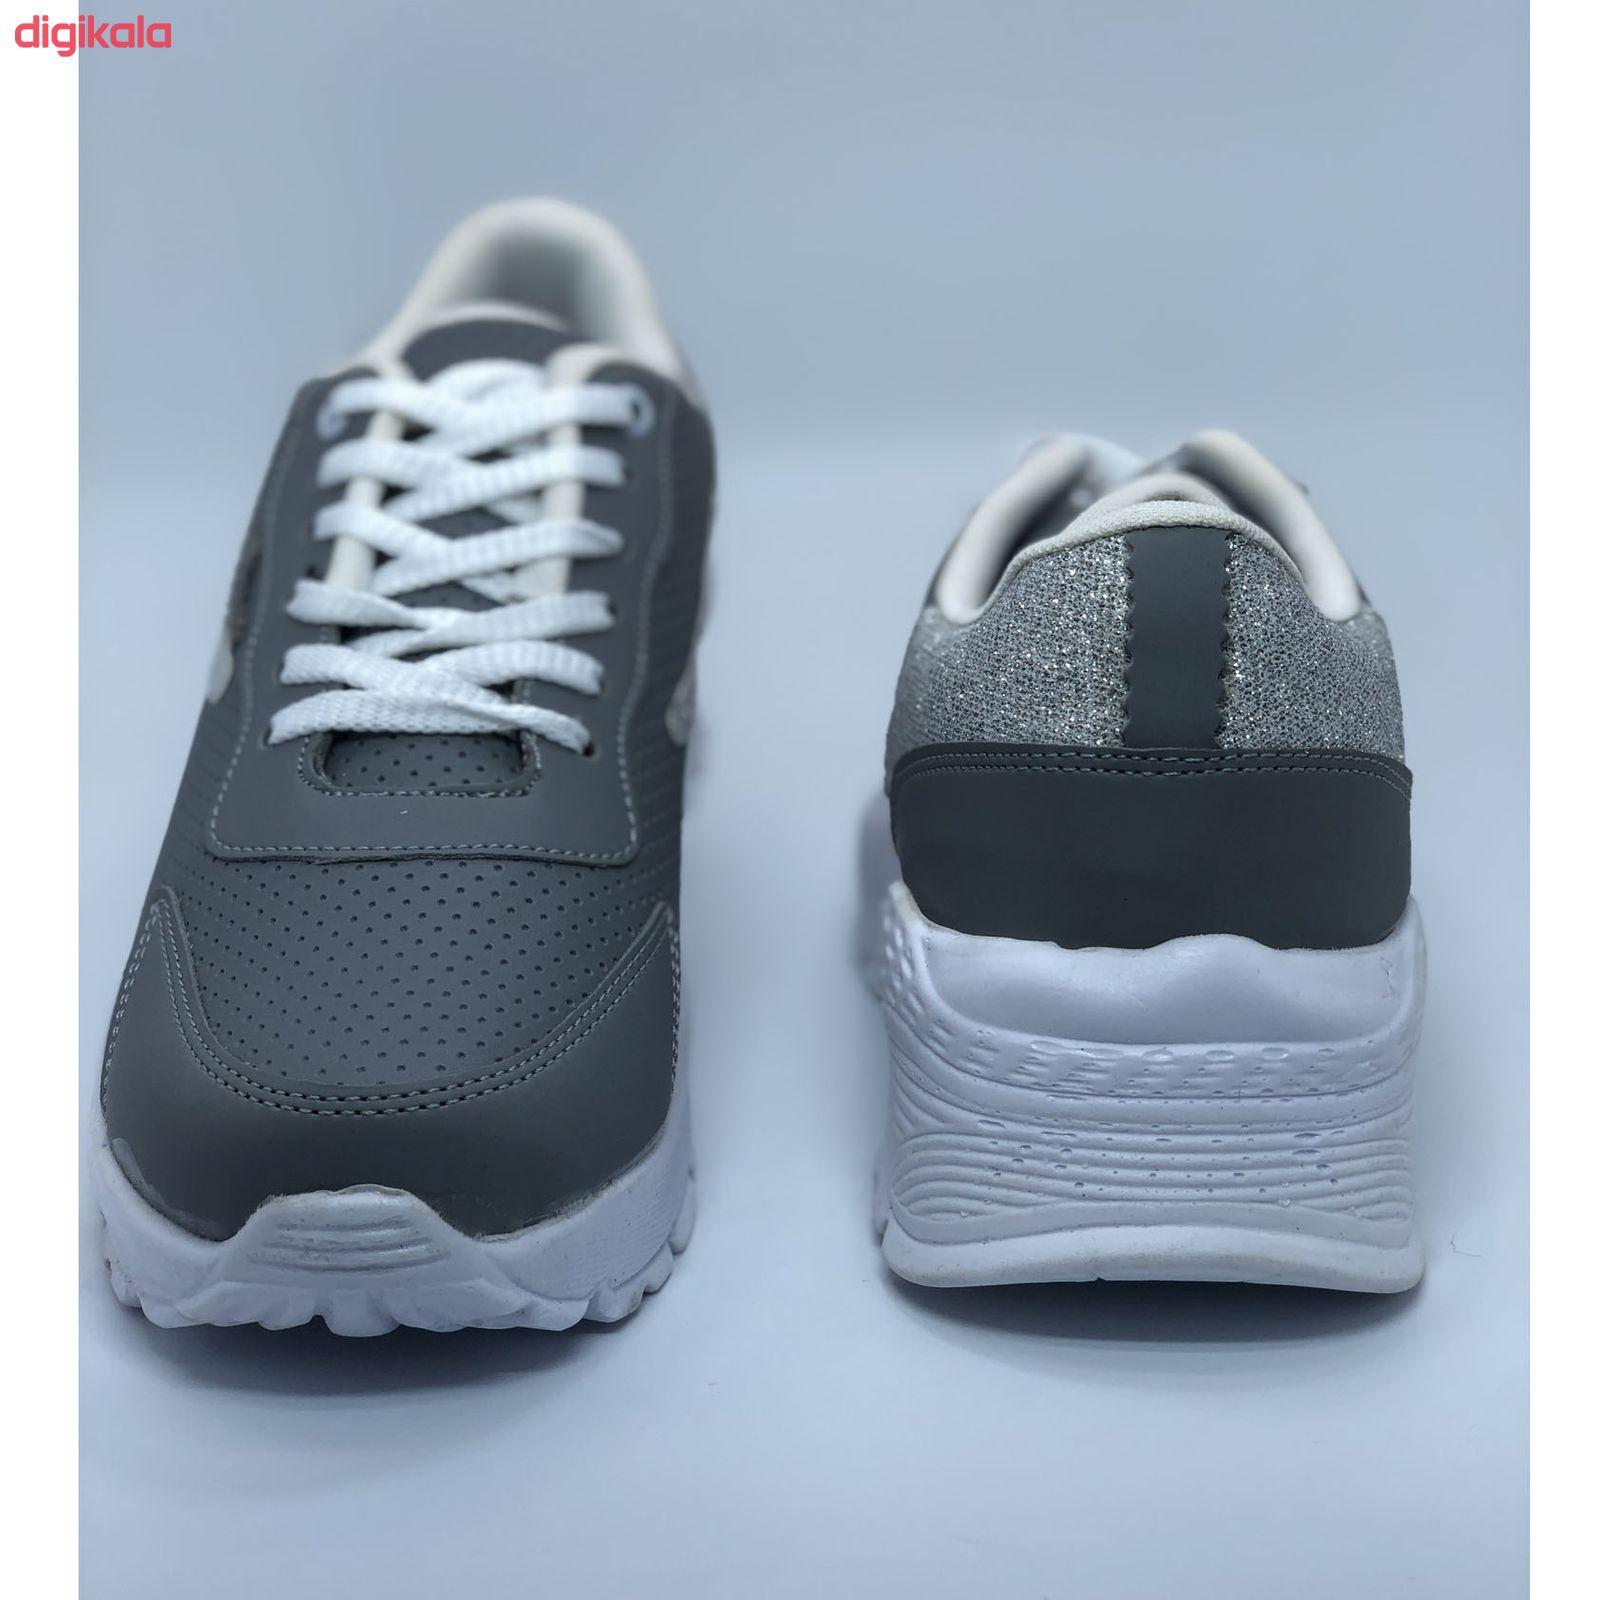 کفش مخصوص پیاده روی زنانه کد Go321 main 1 2